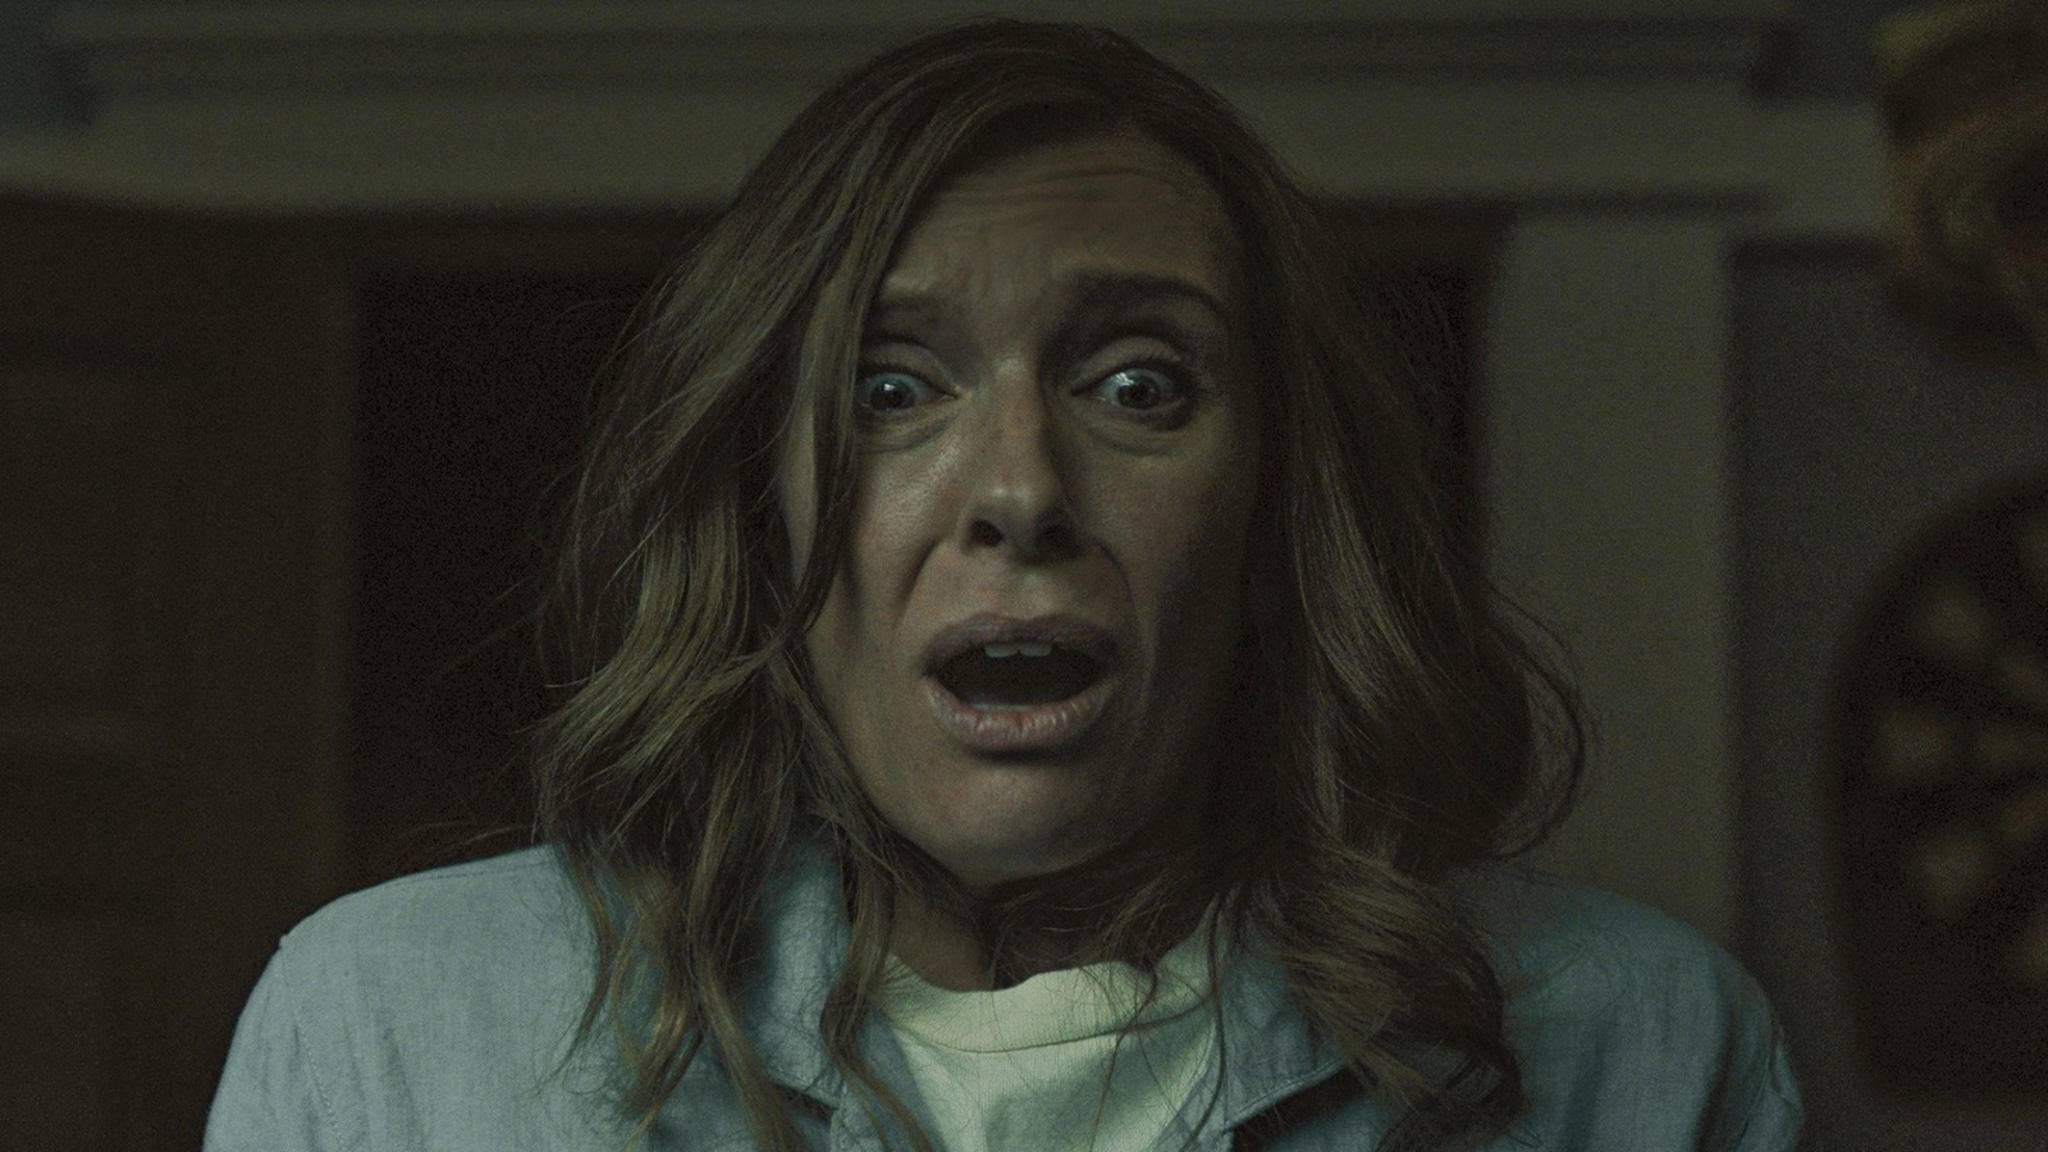 Den panischen Gesichtsausdruck hat Toni Collette auf jeden Fall drauf ...